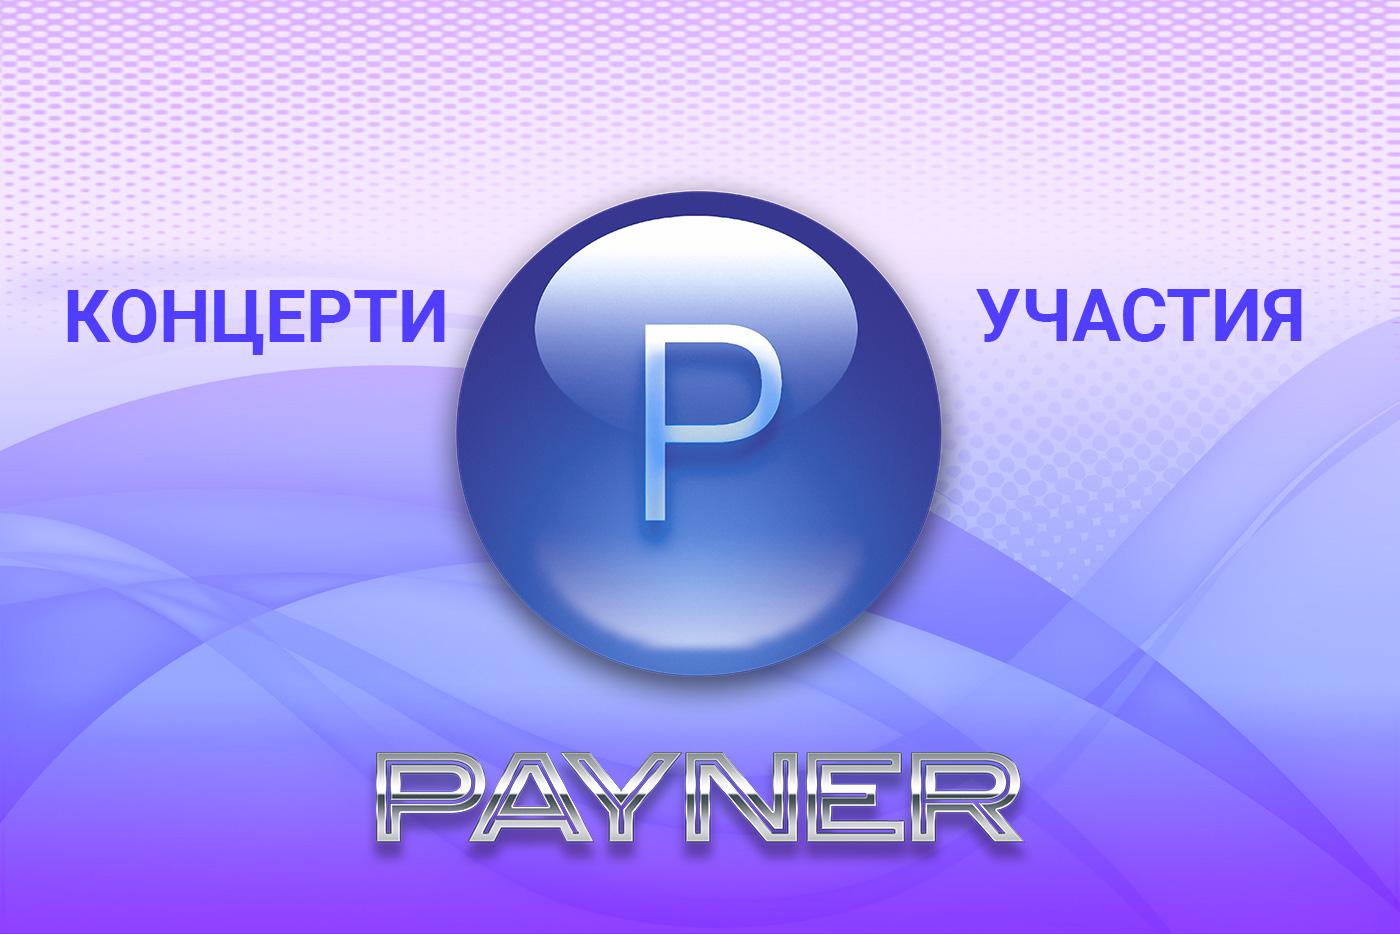 """Участия на звездите на """"Пайнер"""" на 18.09.2019"""